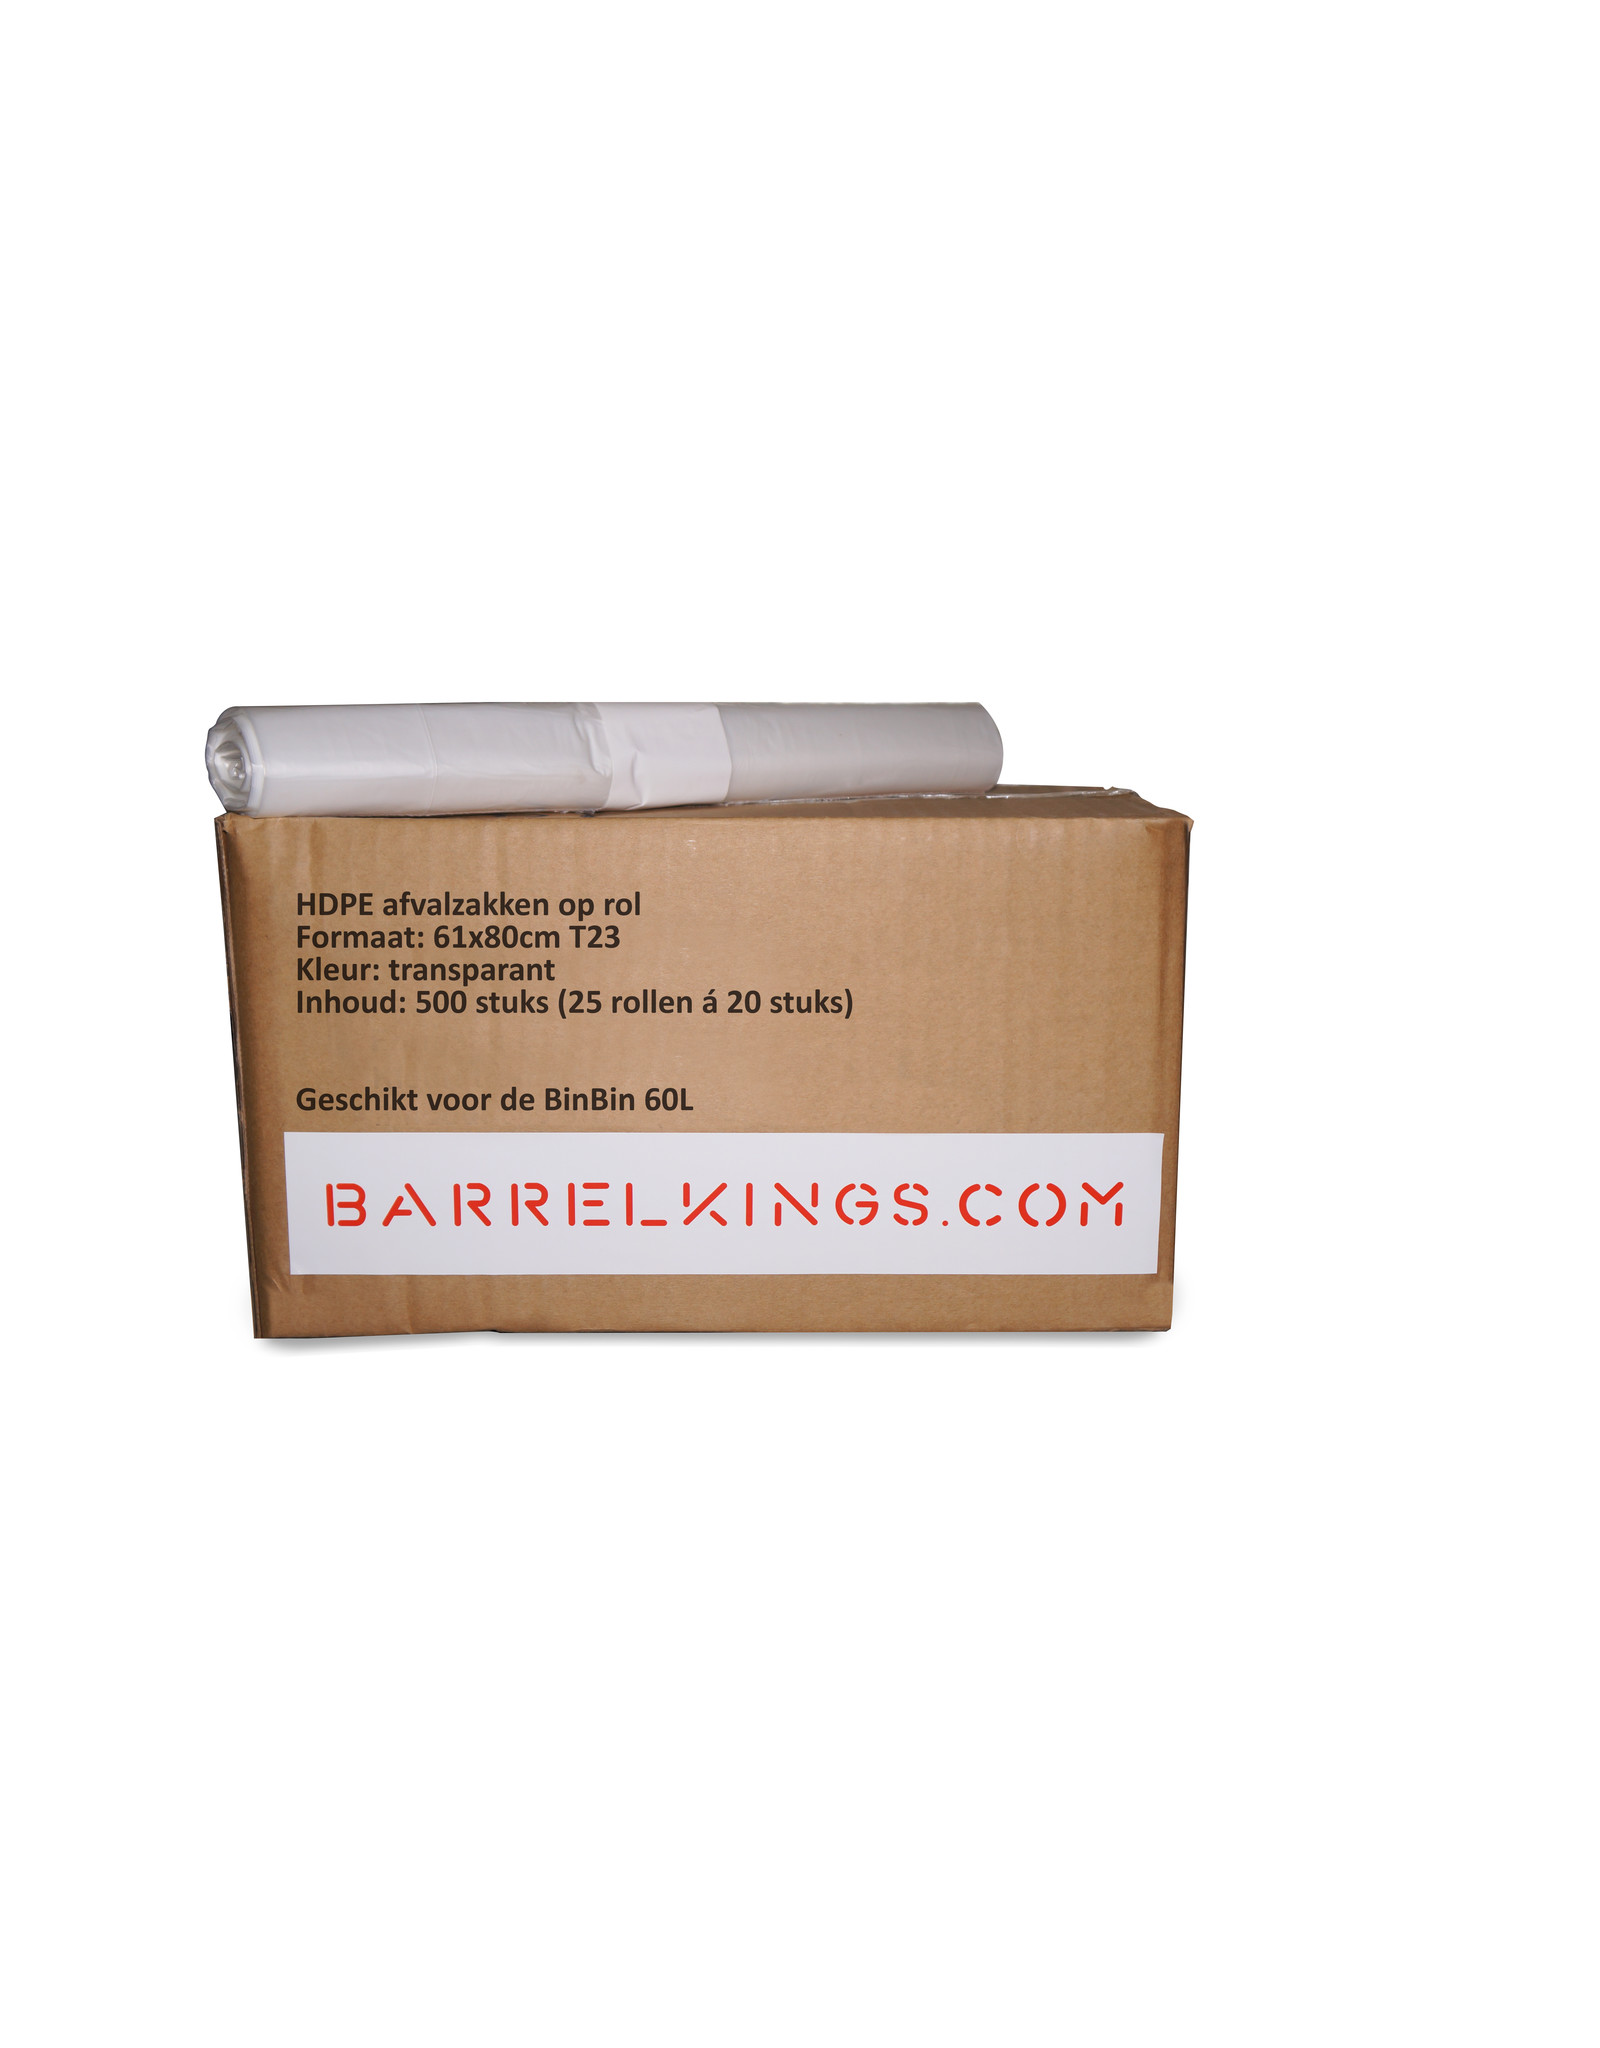 Barrelkings Afvalzak BinBin 60 L Transparant 500st.